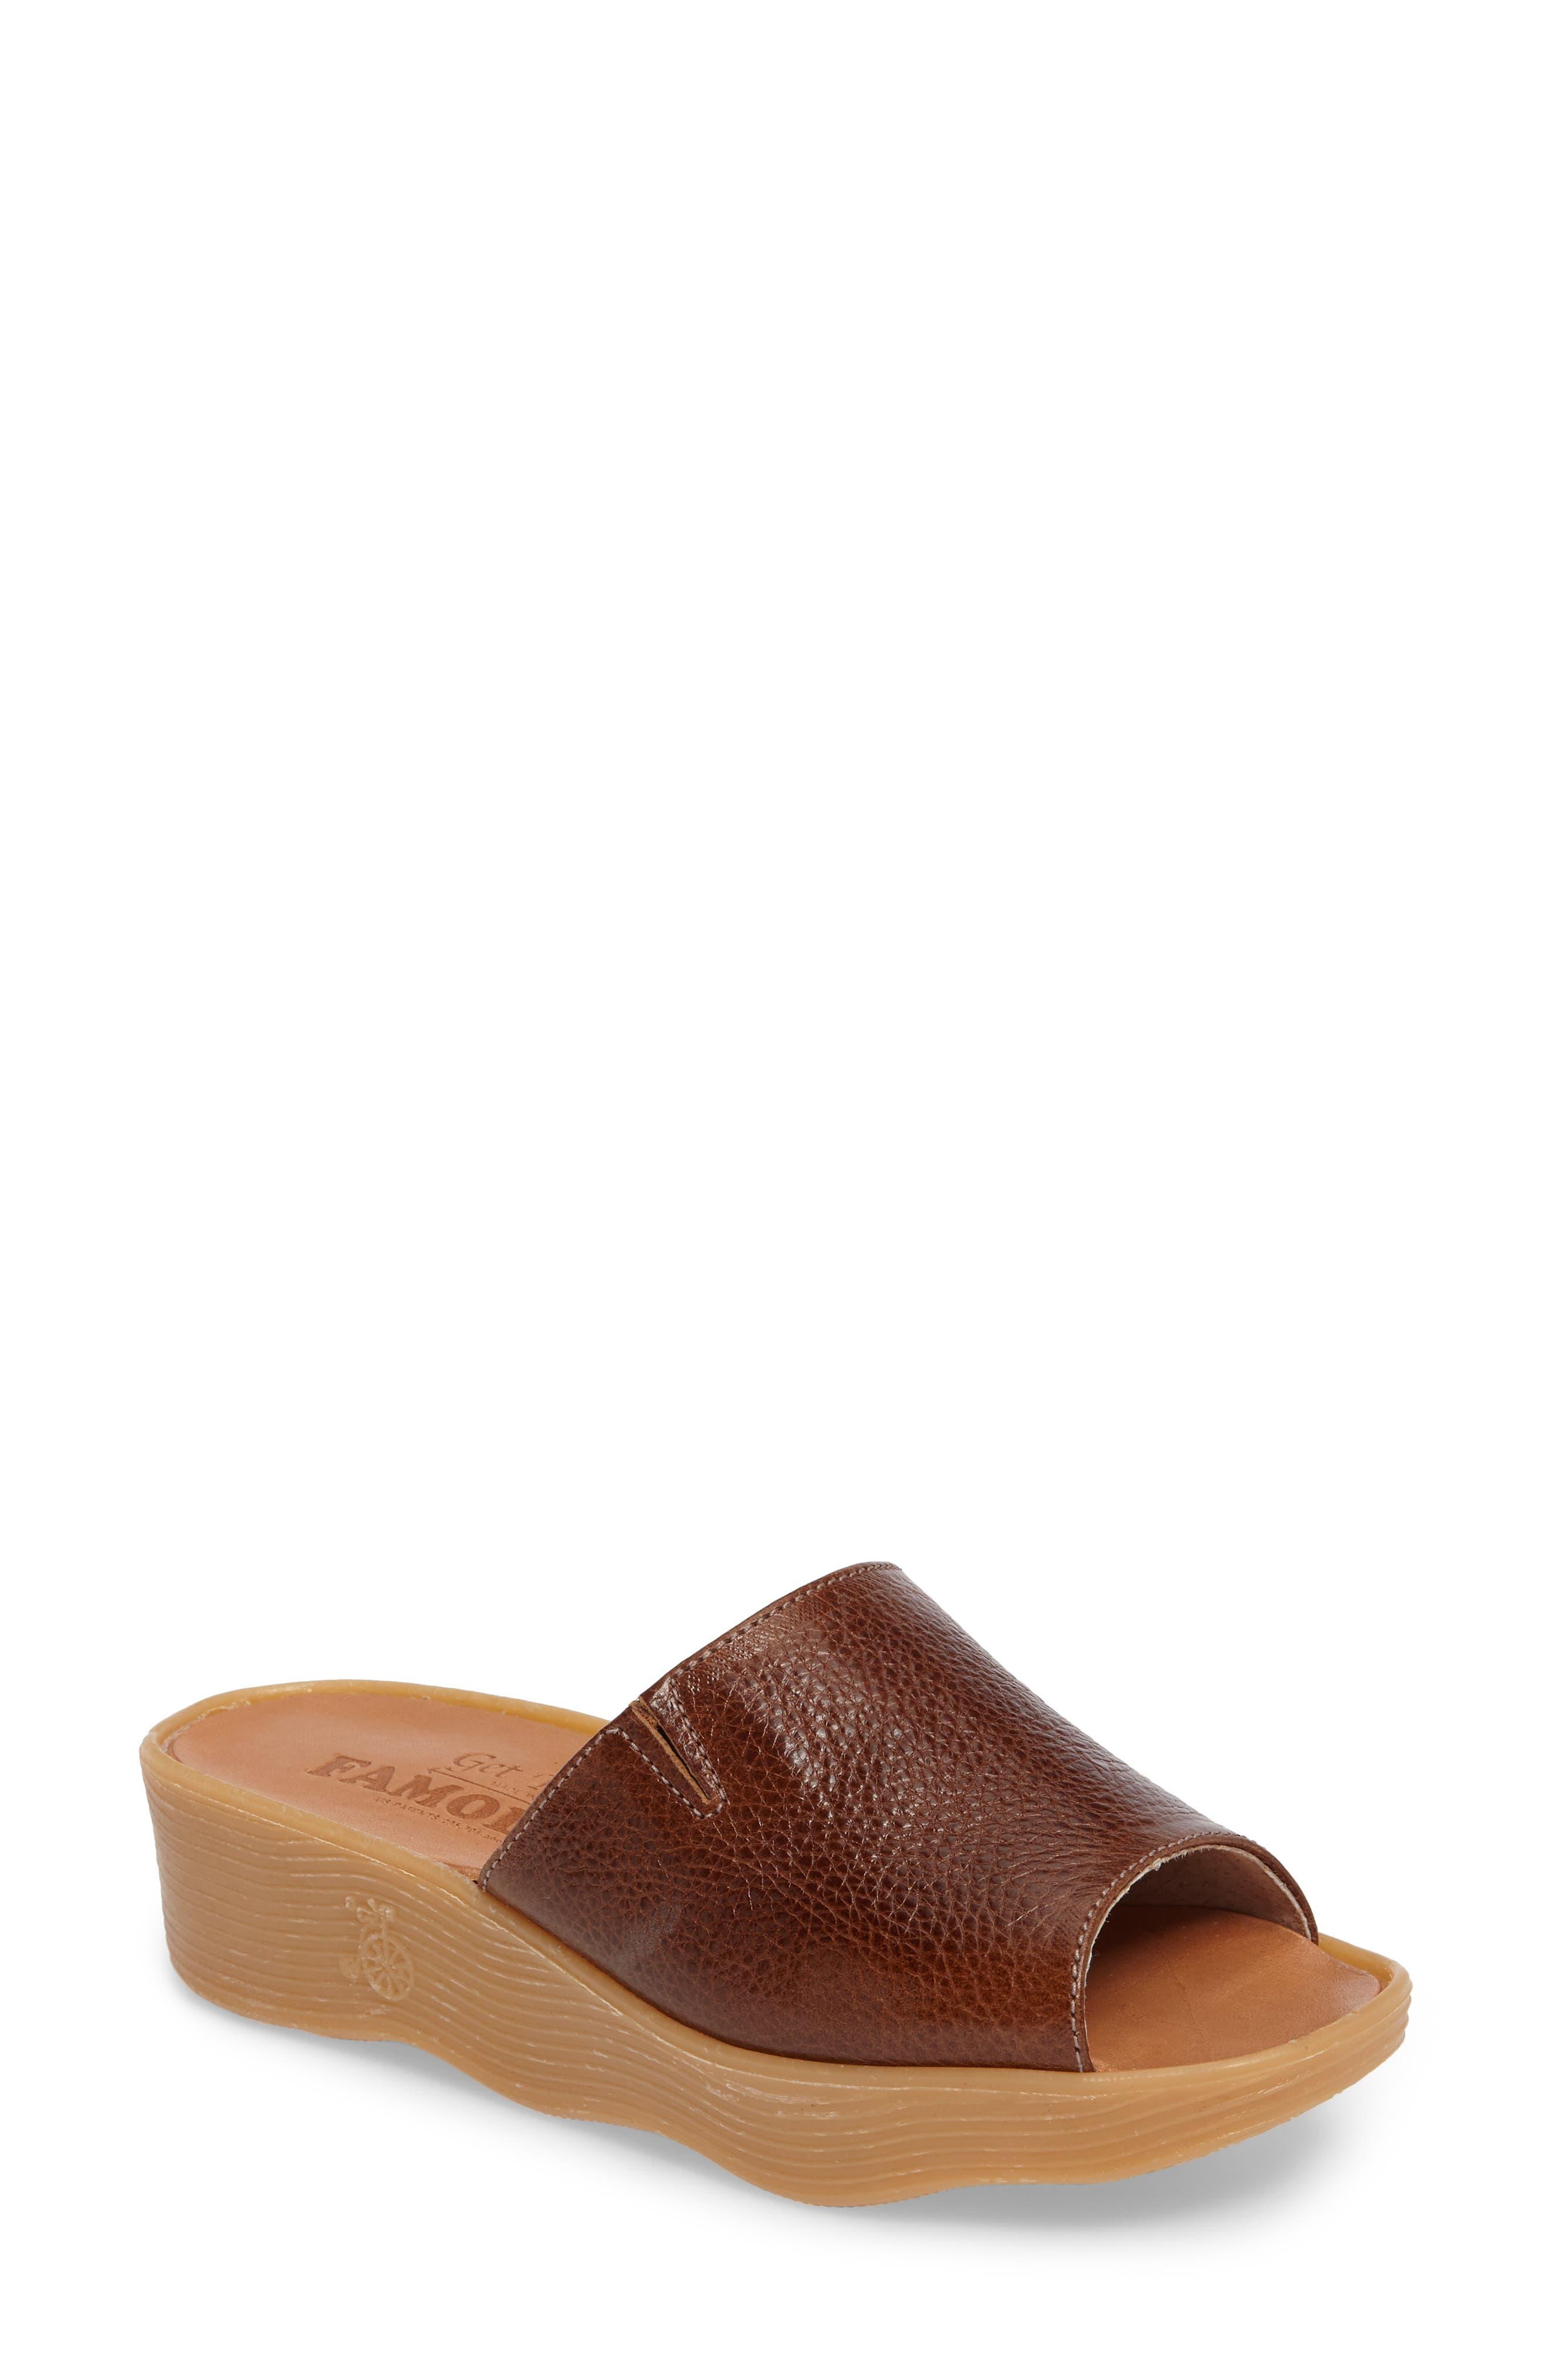 Famolare Slide N Sleek Wedge Slide Sandal (Women)